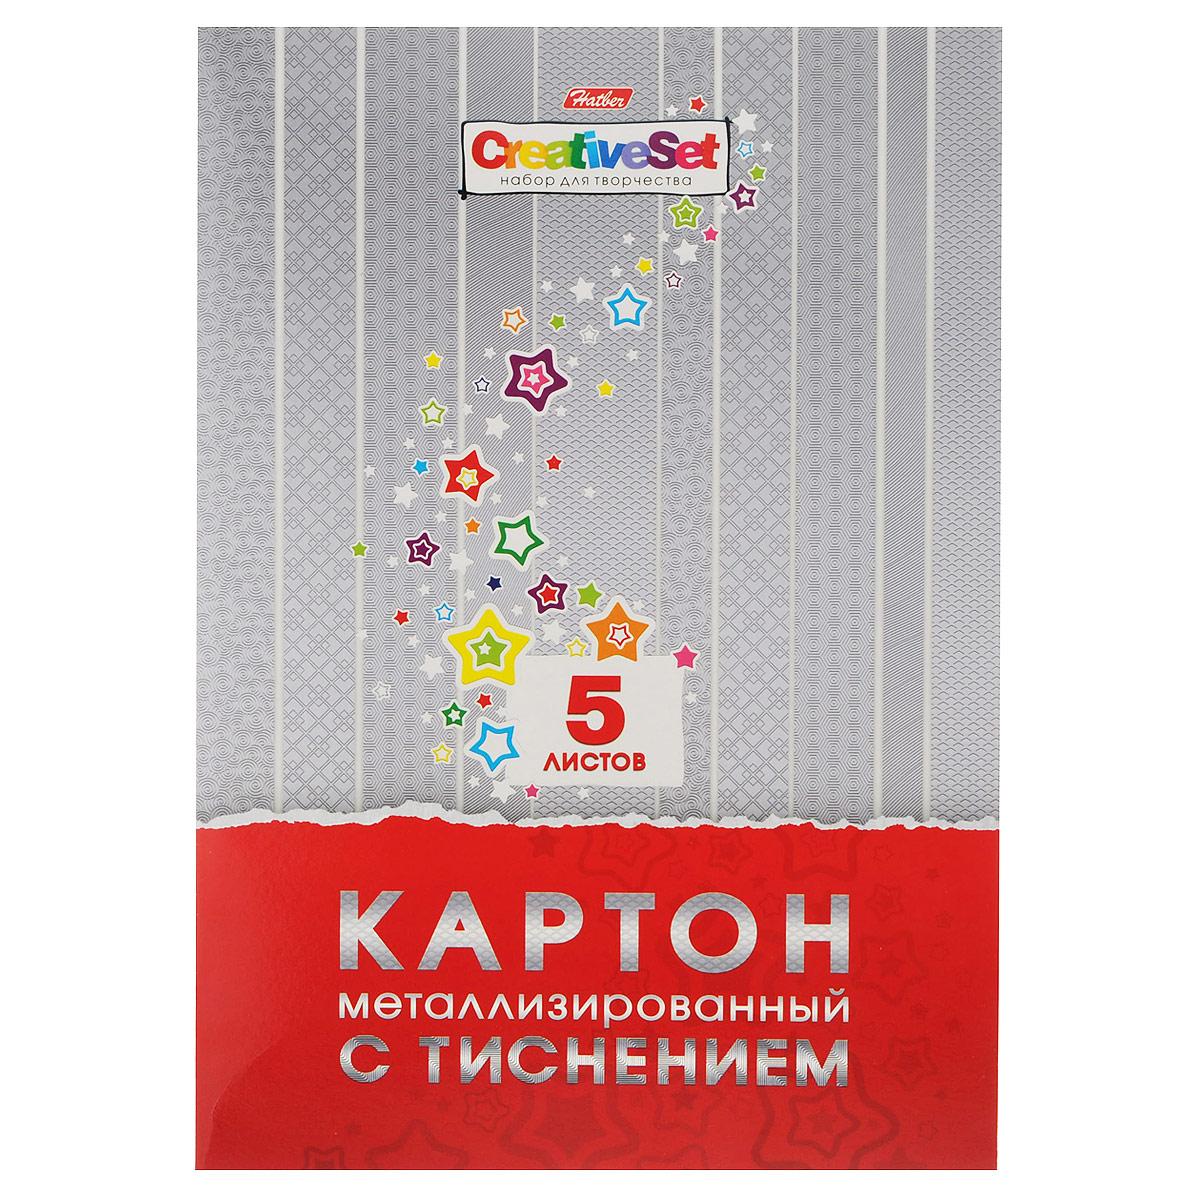 Металлизированный картон Hatber Creative Set, с тиснением, цвет: серебристый, 5 листов5К4мтт_12145Металлизированный картон Hatber Creative Set позволит вашему ребенку создавать всевозможные аппликации и поделки. Набор состоит из пяти листов картона серебристого цвета с объемным тиснением различными узорами. Картон упакован в яркую оригинальную картонную папку. Создание поделок из металлизированного картона поможет ребенку в развитии творческих способностей, кроме того, это увлекательный досуг. Рекомендуемый возраст от 6 лет.